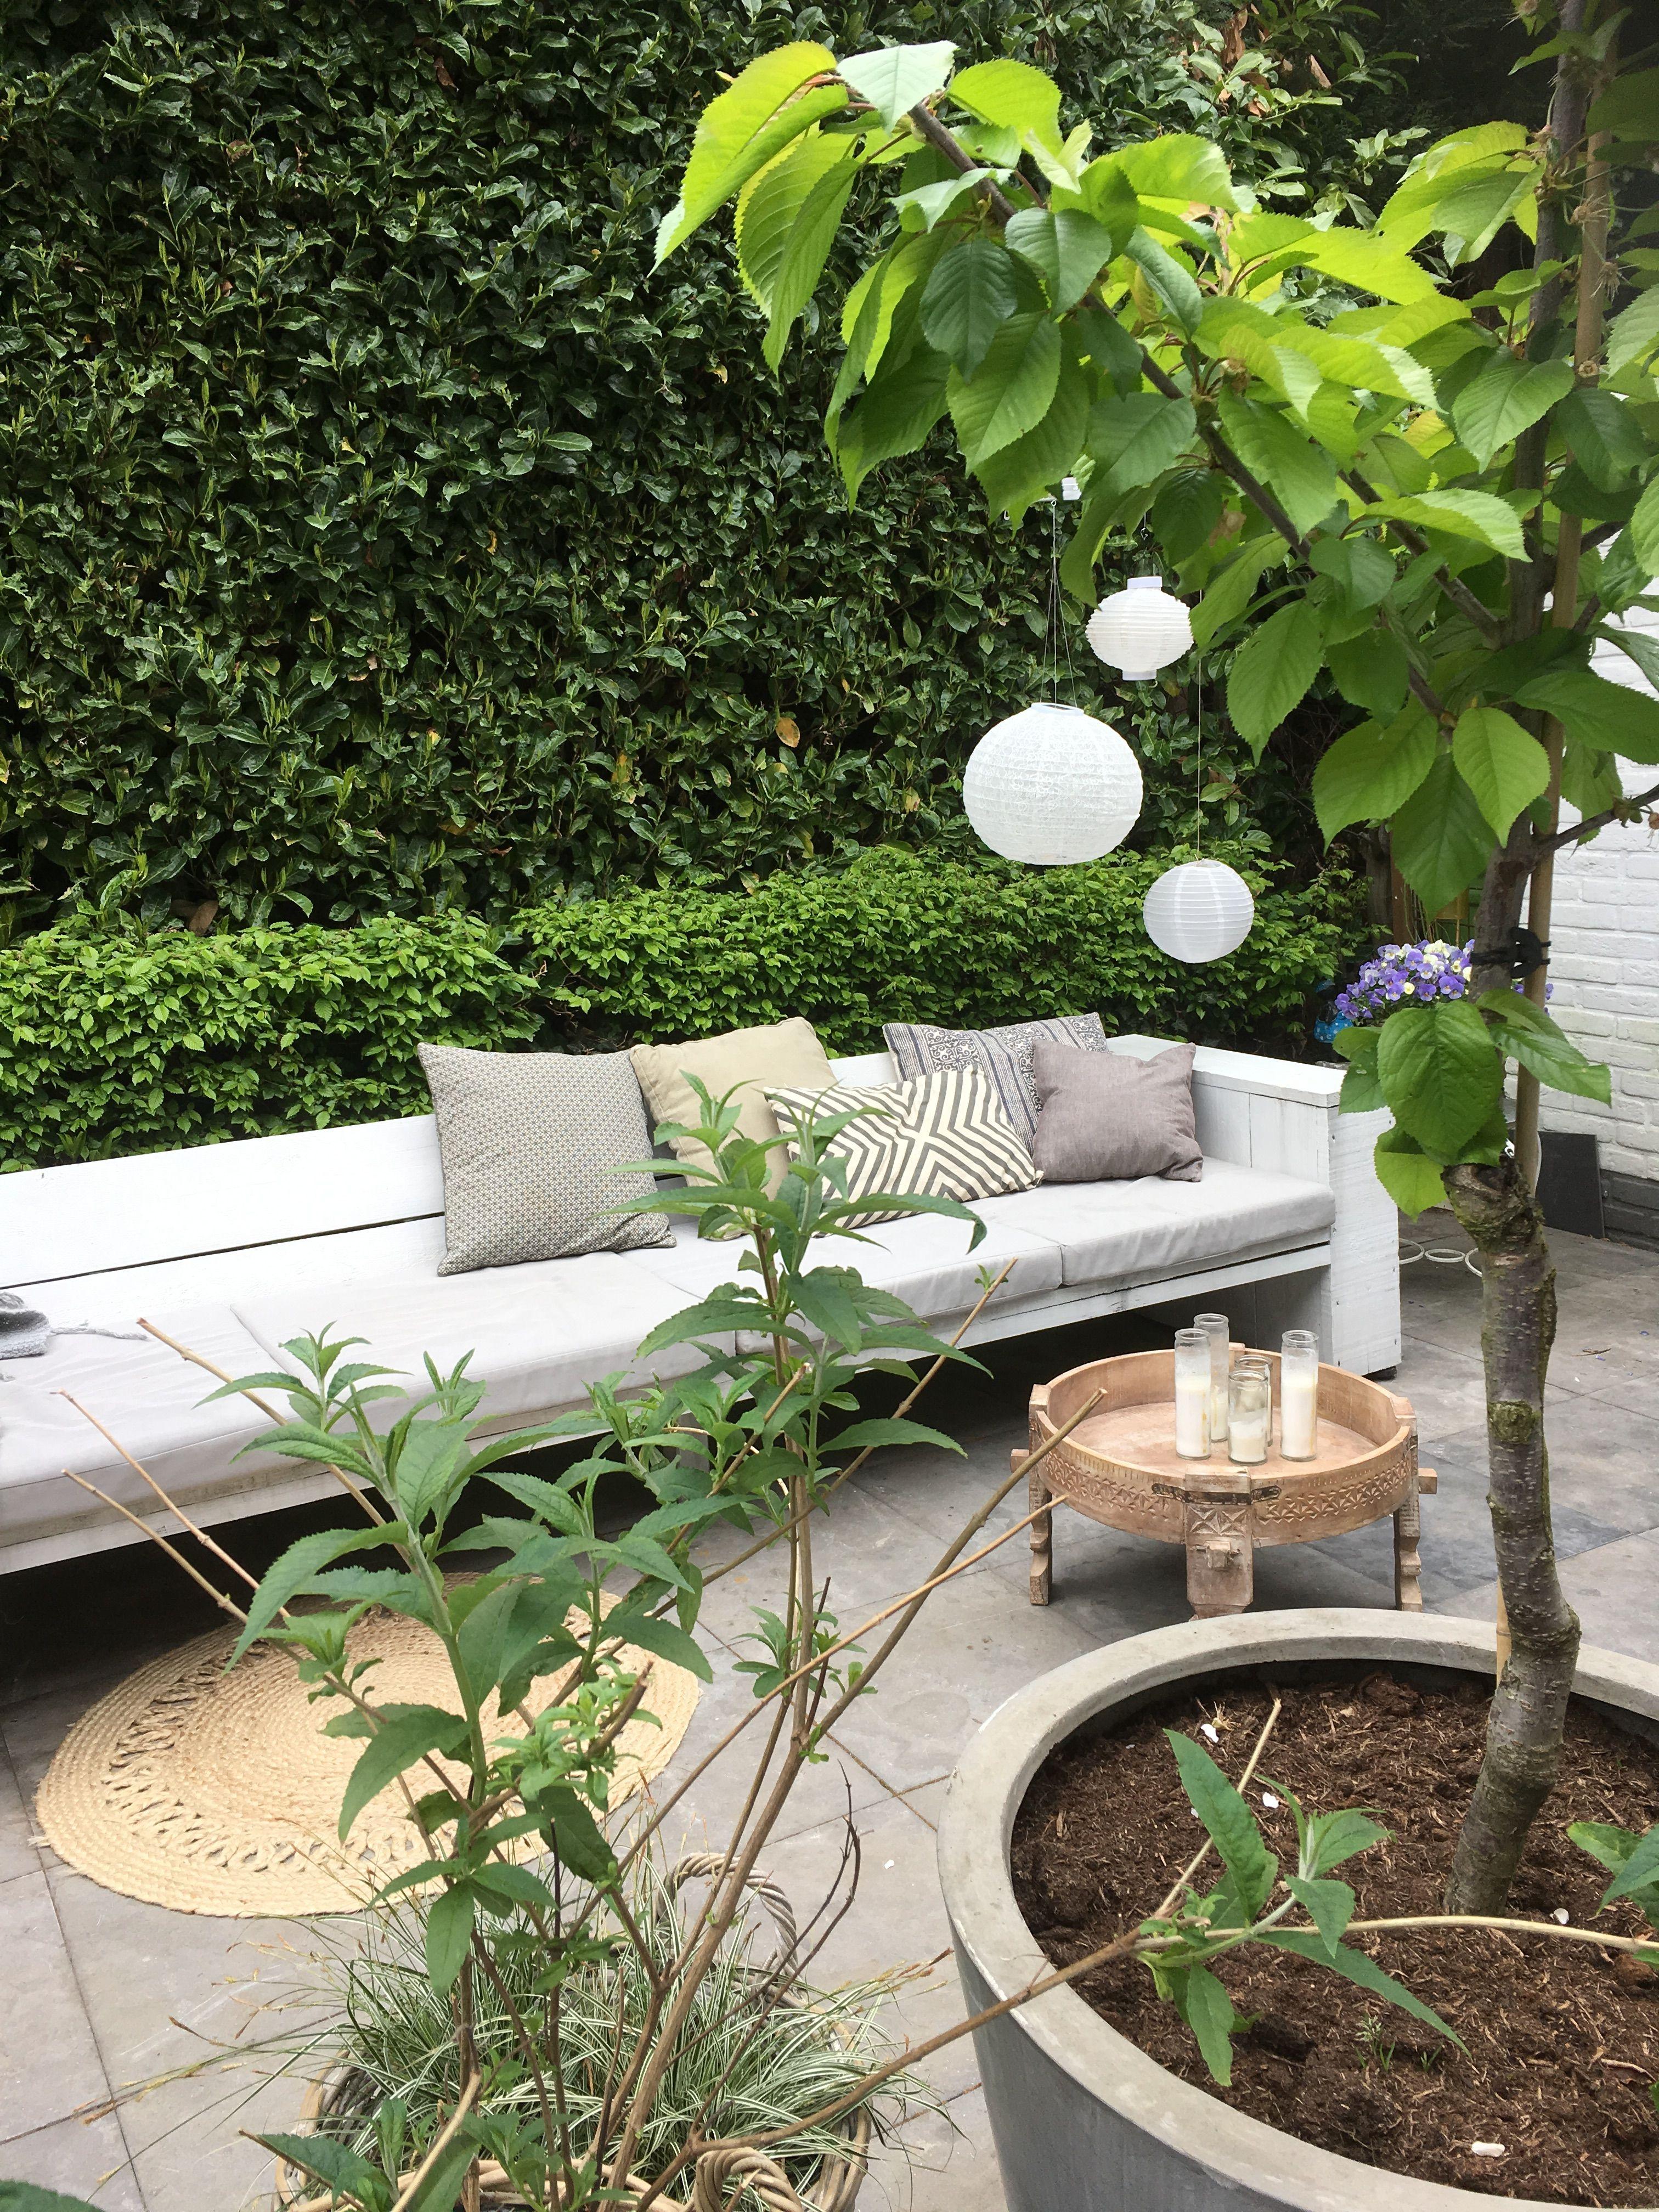 Pin Tillagd Av Siv Andersson Pa Altan Pinterest Garden Outdoor